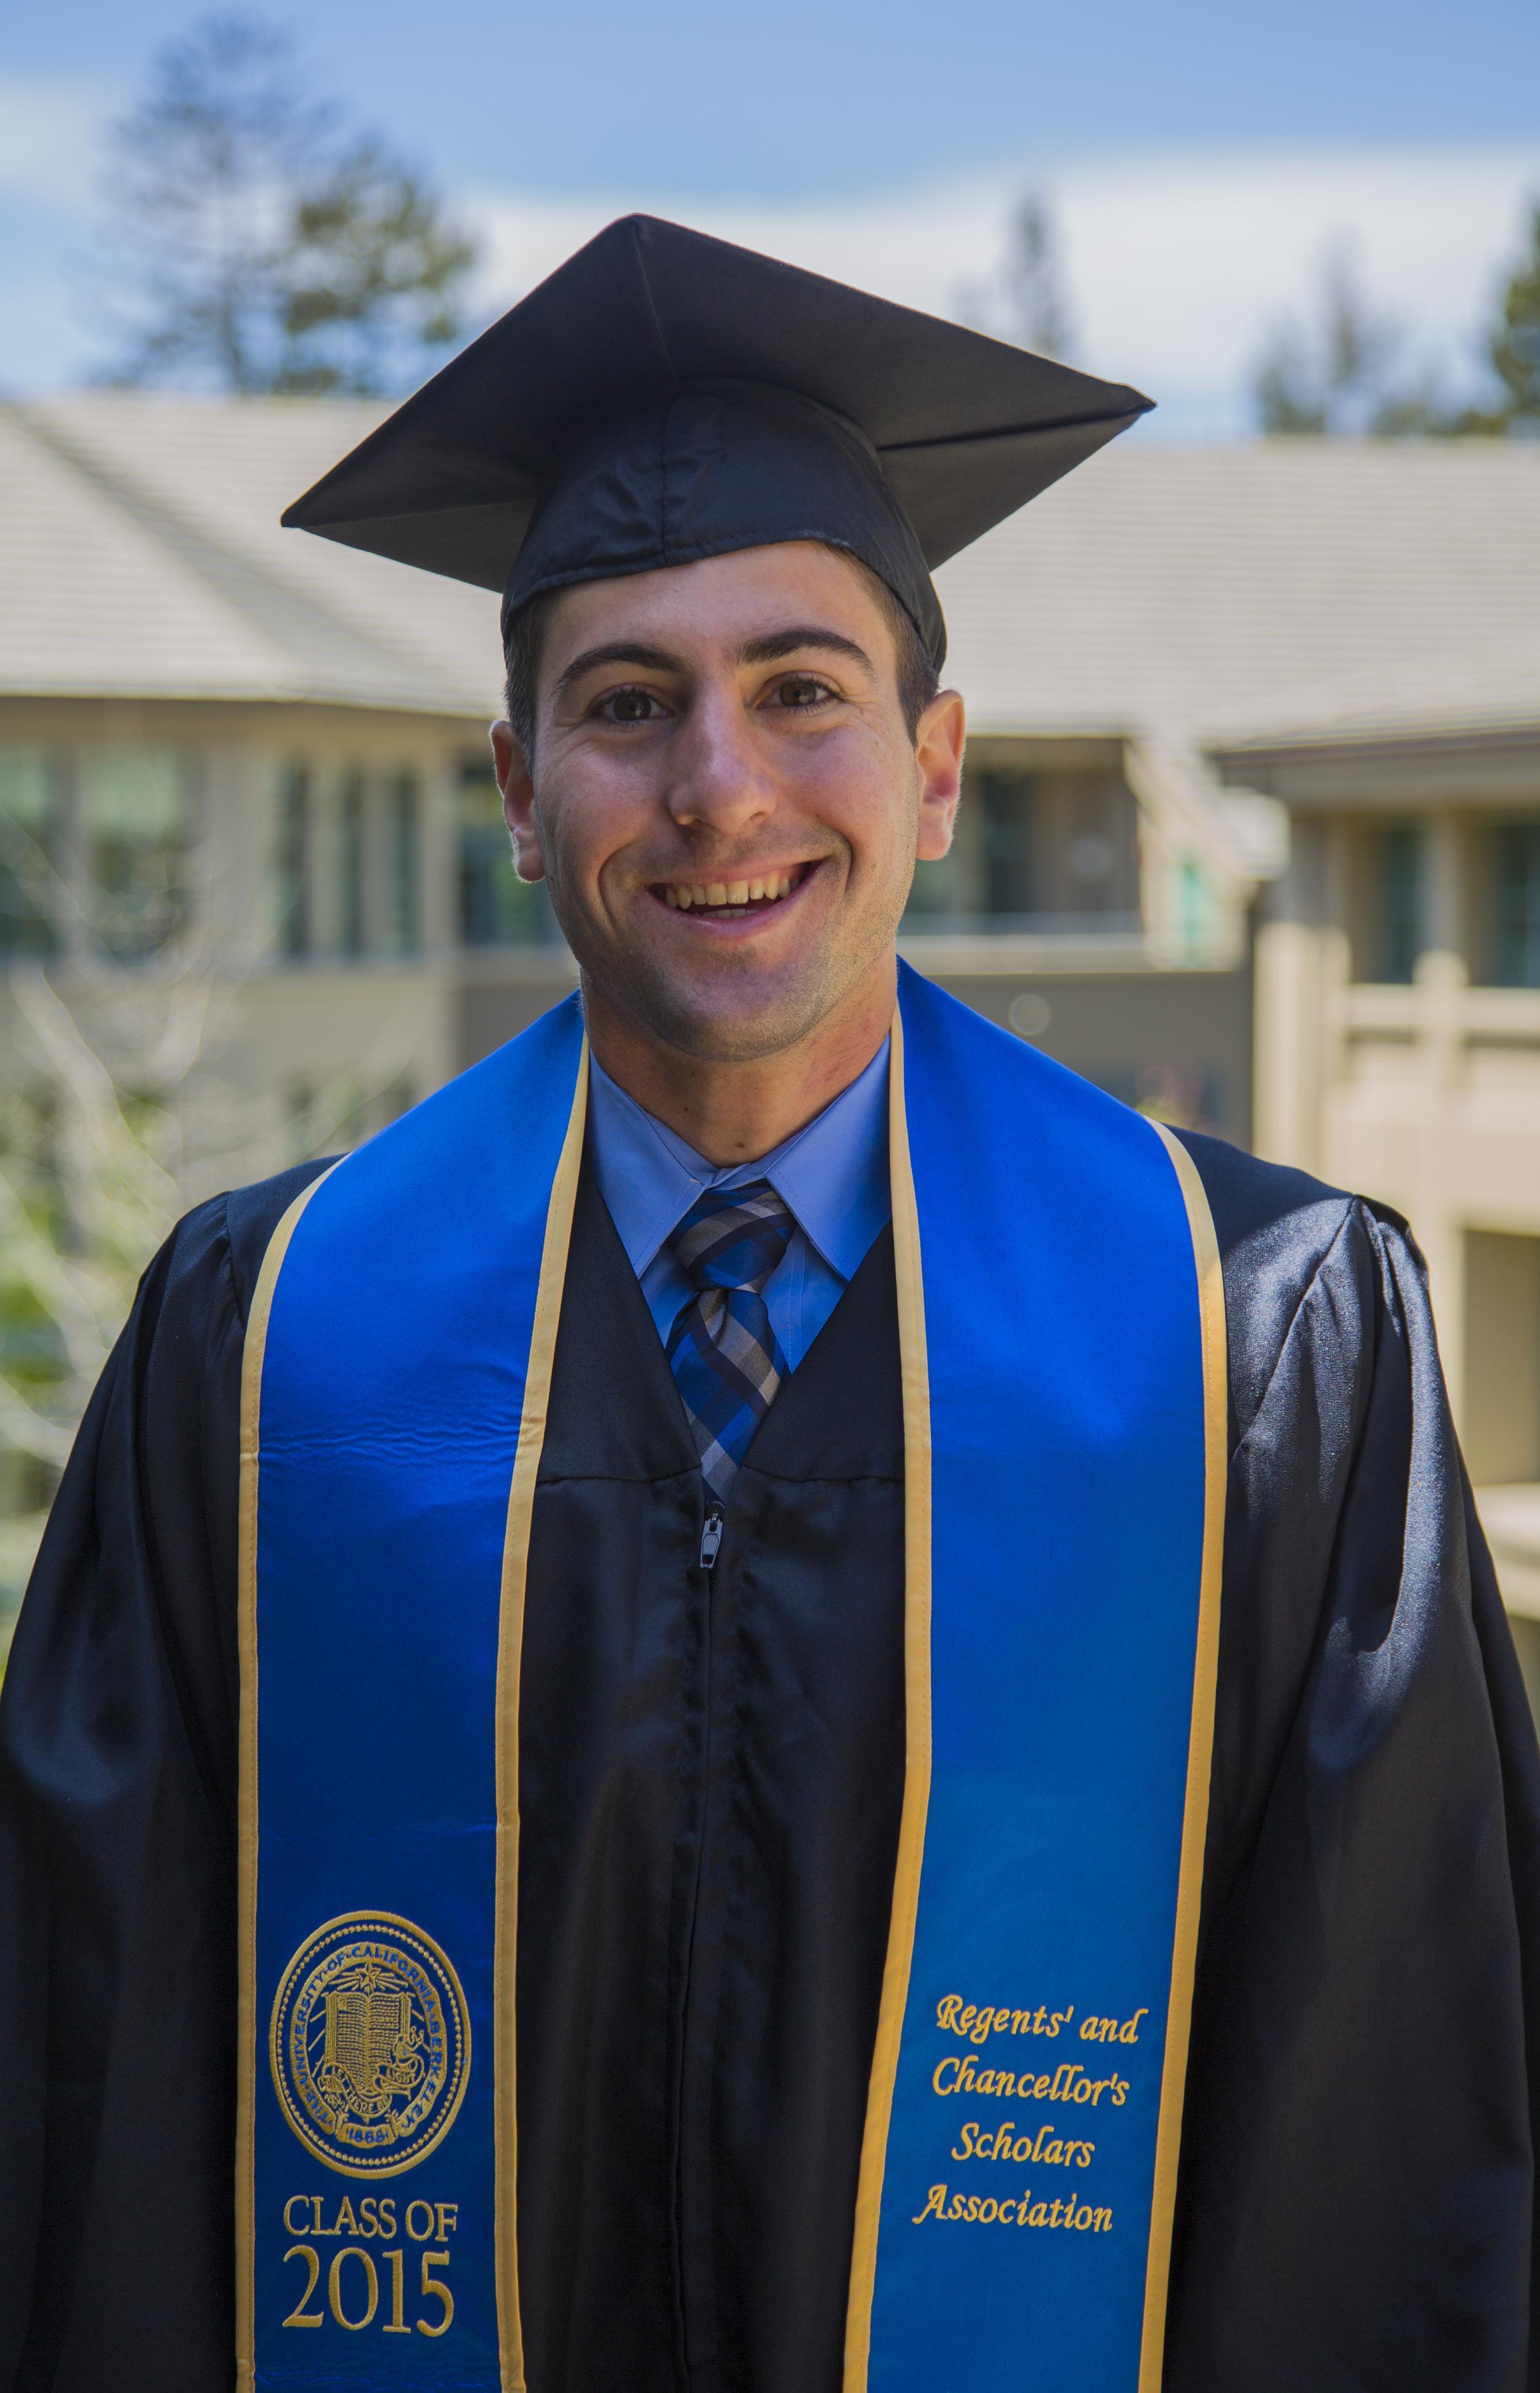 graduation_adam-grad-3_17291738661_o.jpg